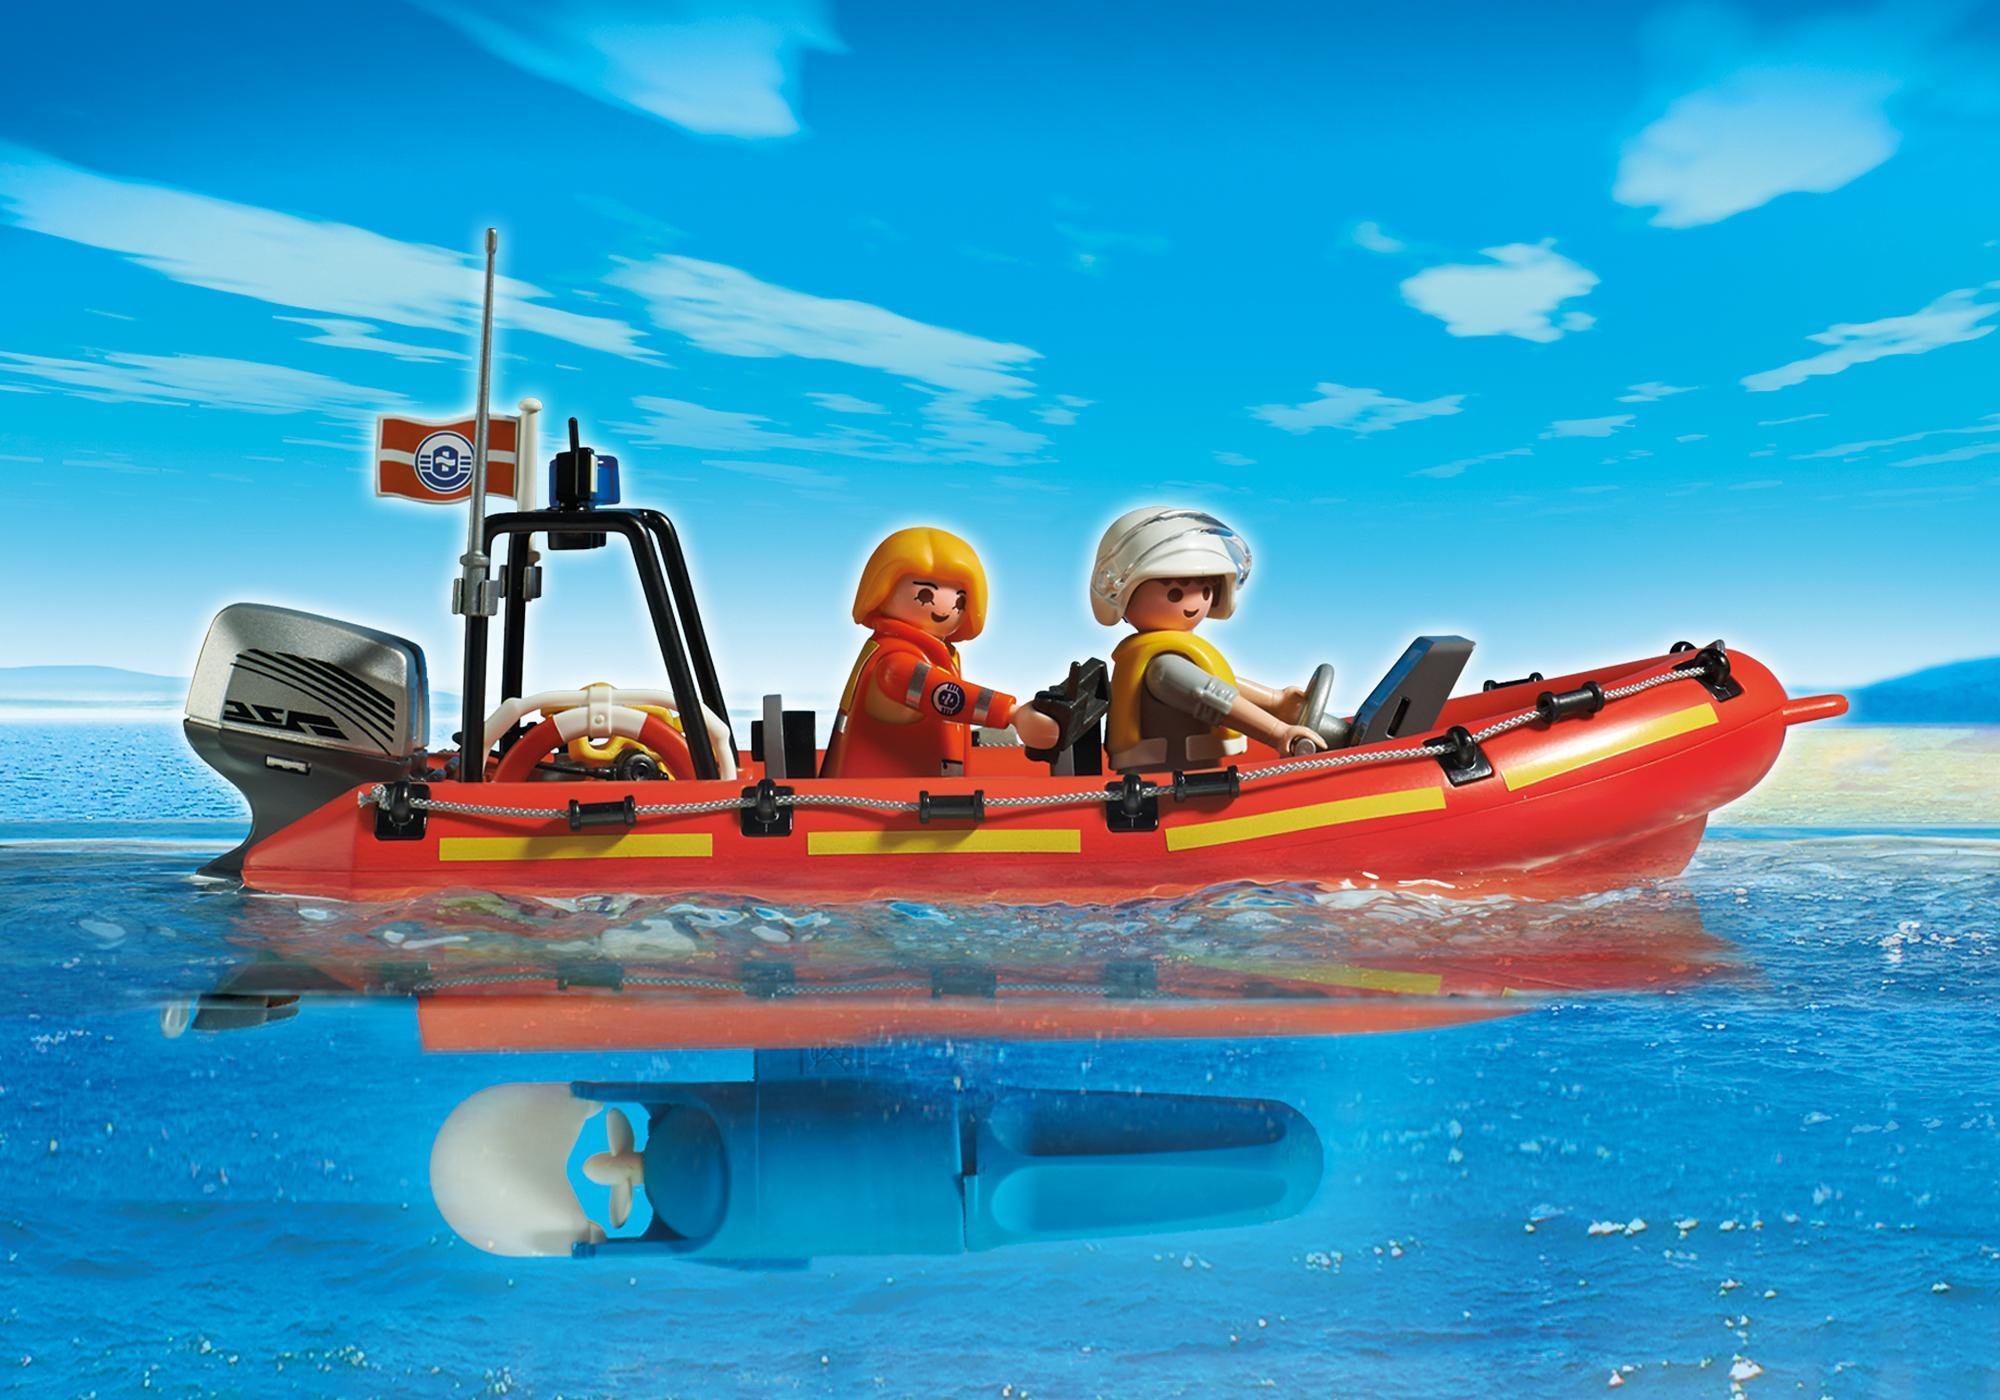 http://media.playmobil.com/i/playmobil/5539_product_extra1/Kustbevakningsstation med fyr